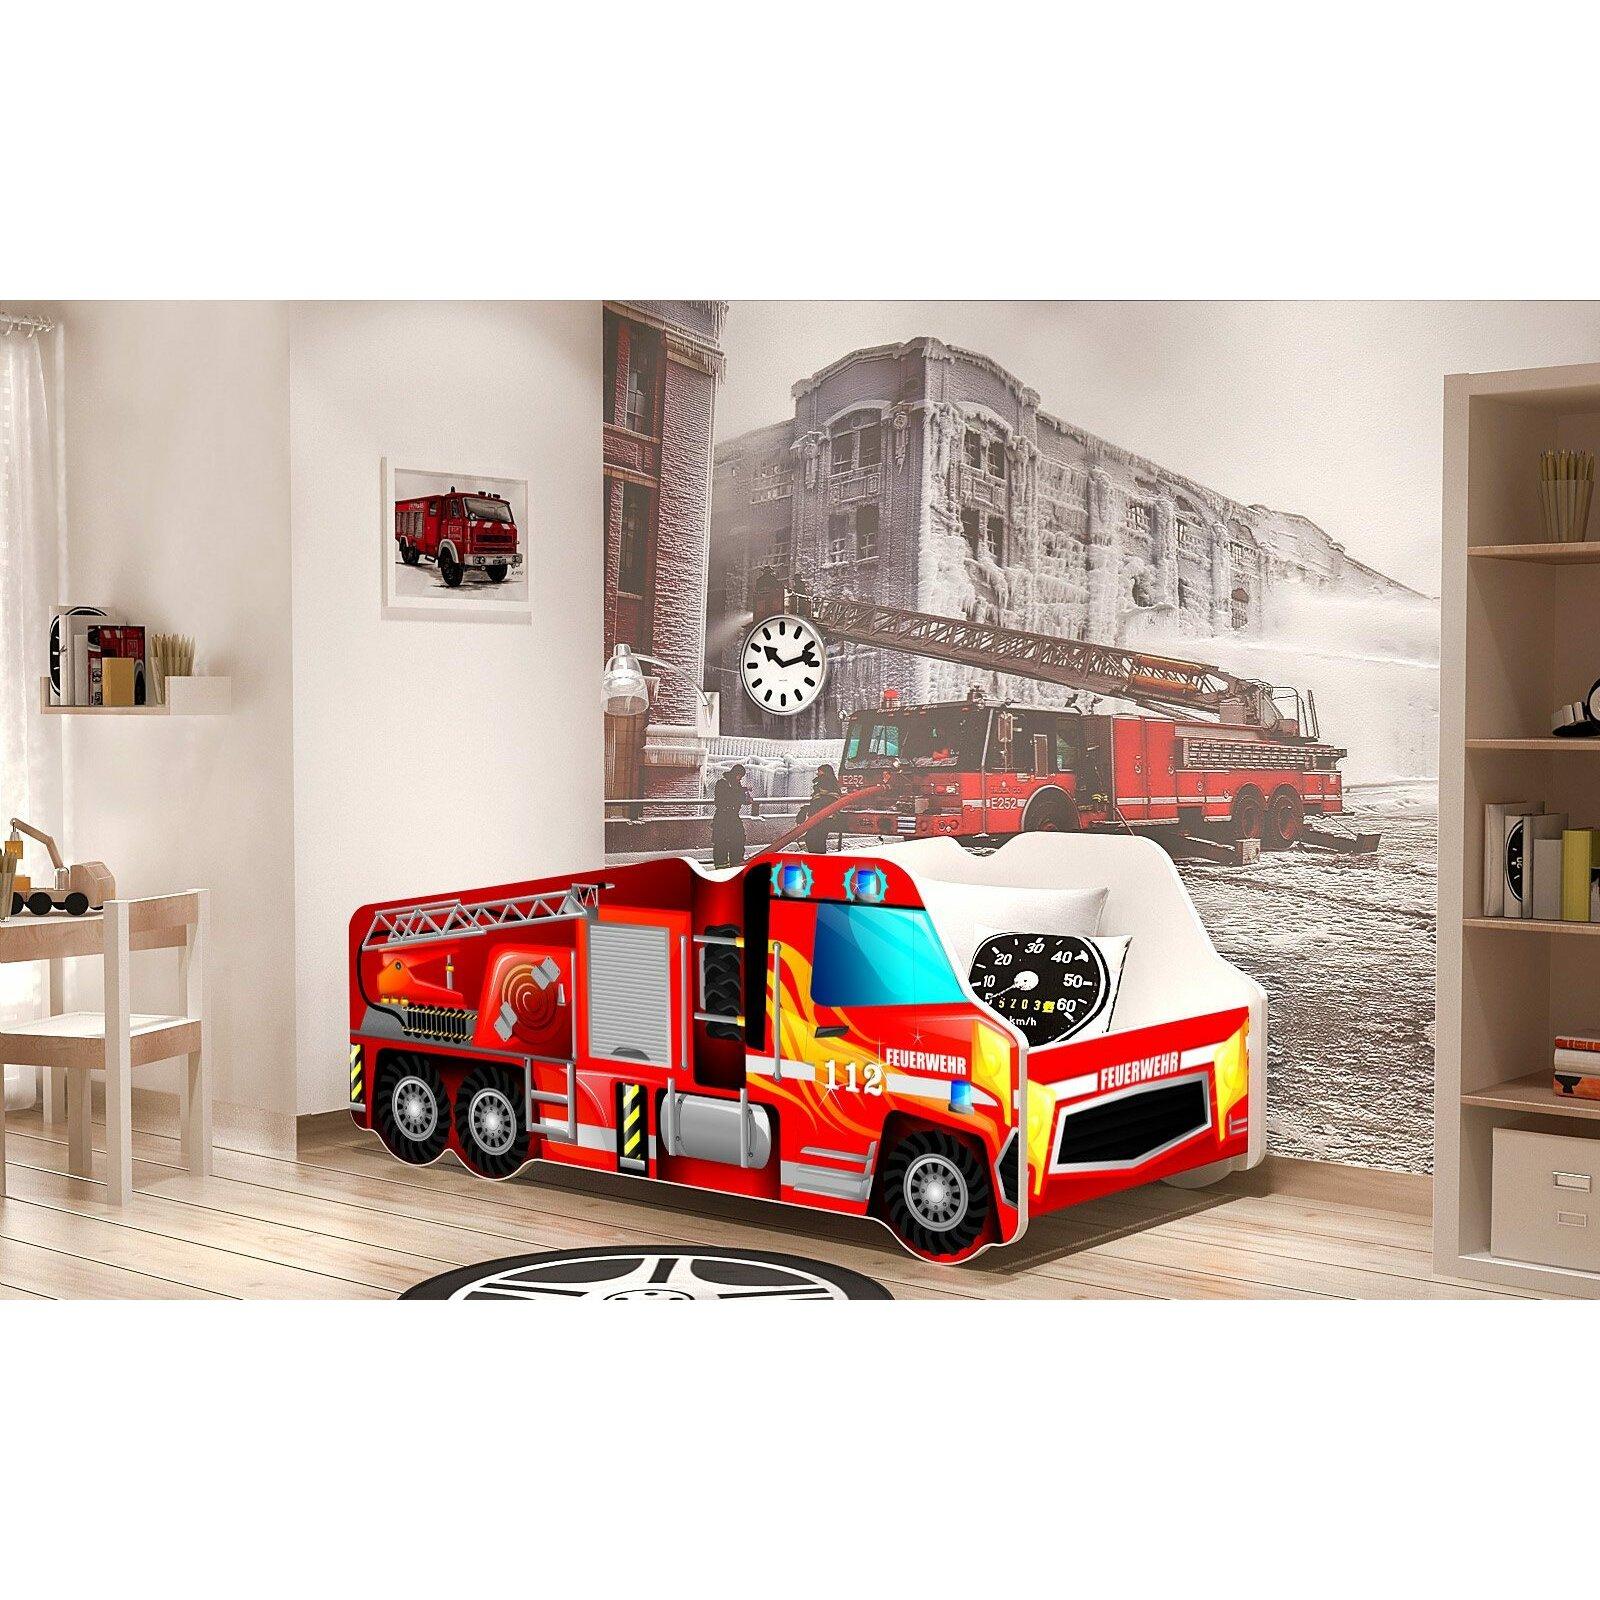 relita feuerwehr autobett 70 x 140 cm bewertungen. Black Bedroom Furniture Sets. Home Design Ideas